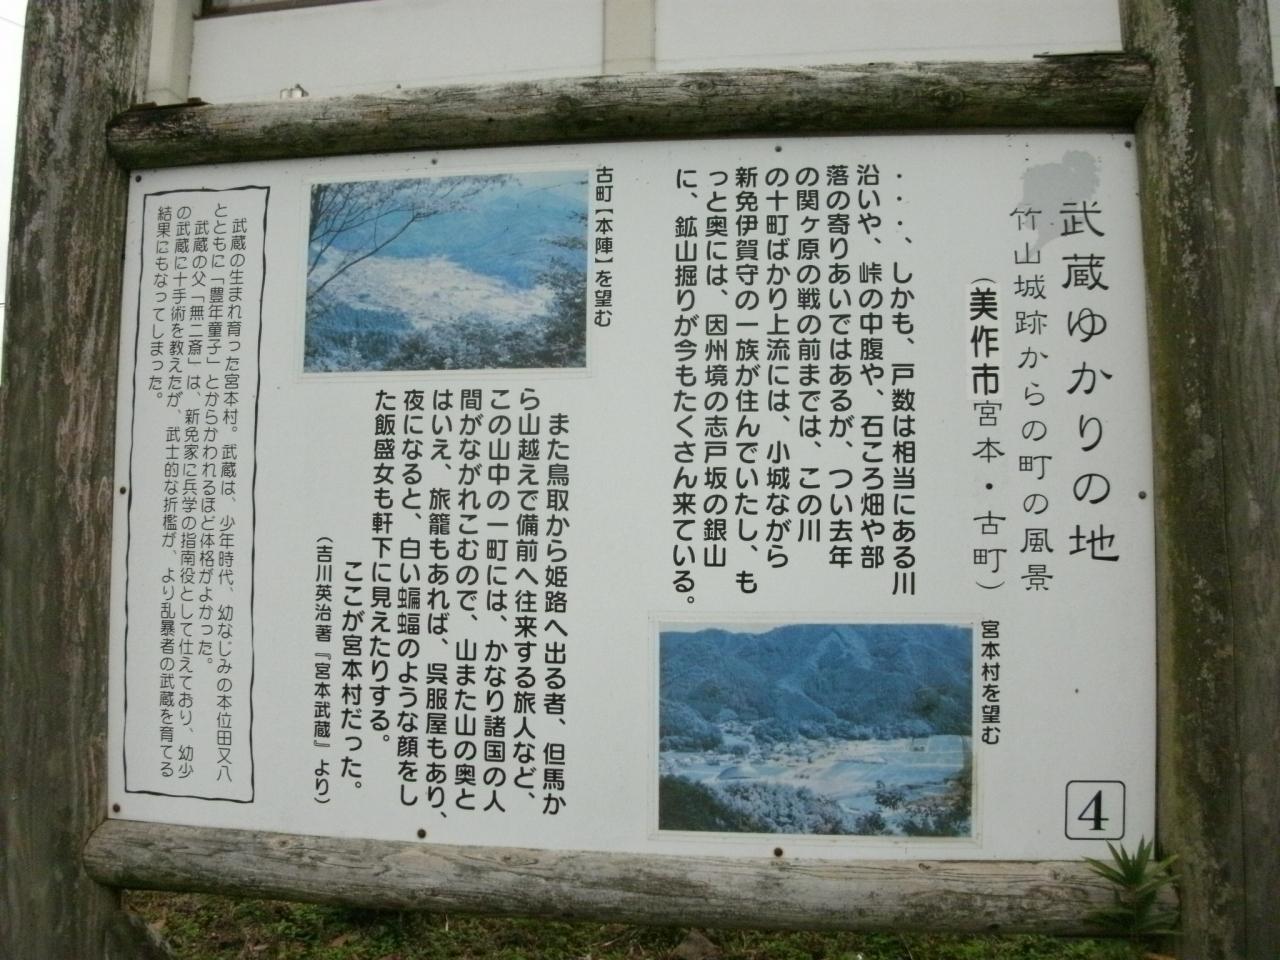 智頭 鉄道 宮本 武蔵 駅